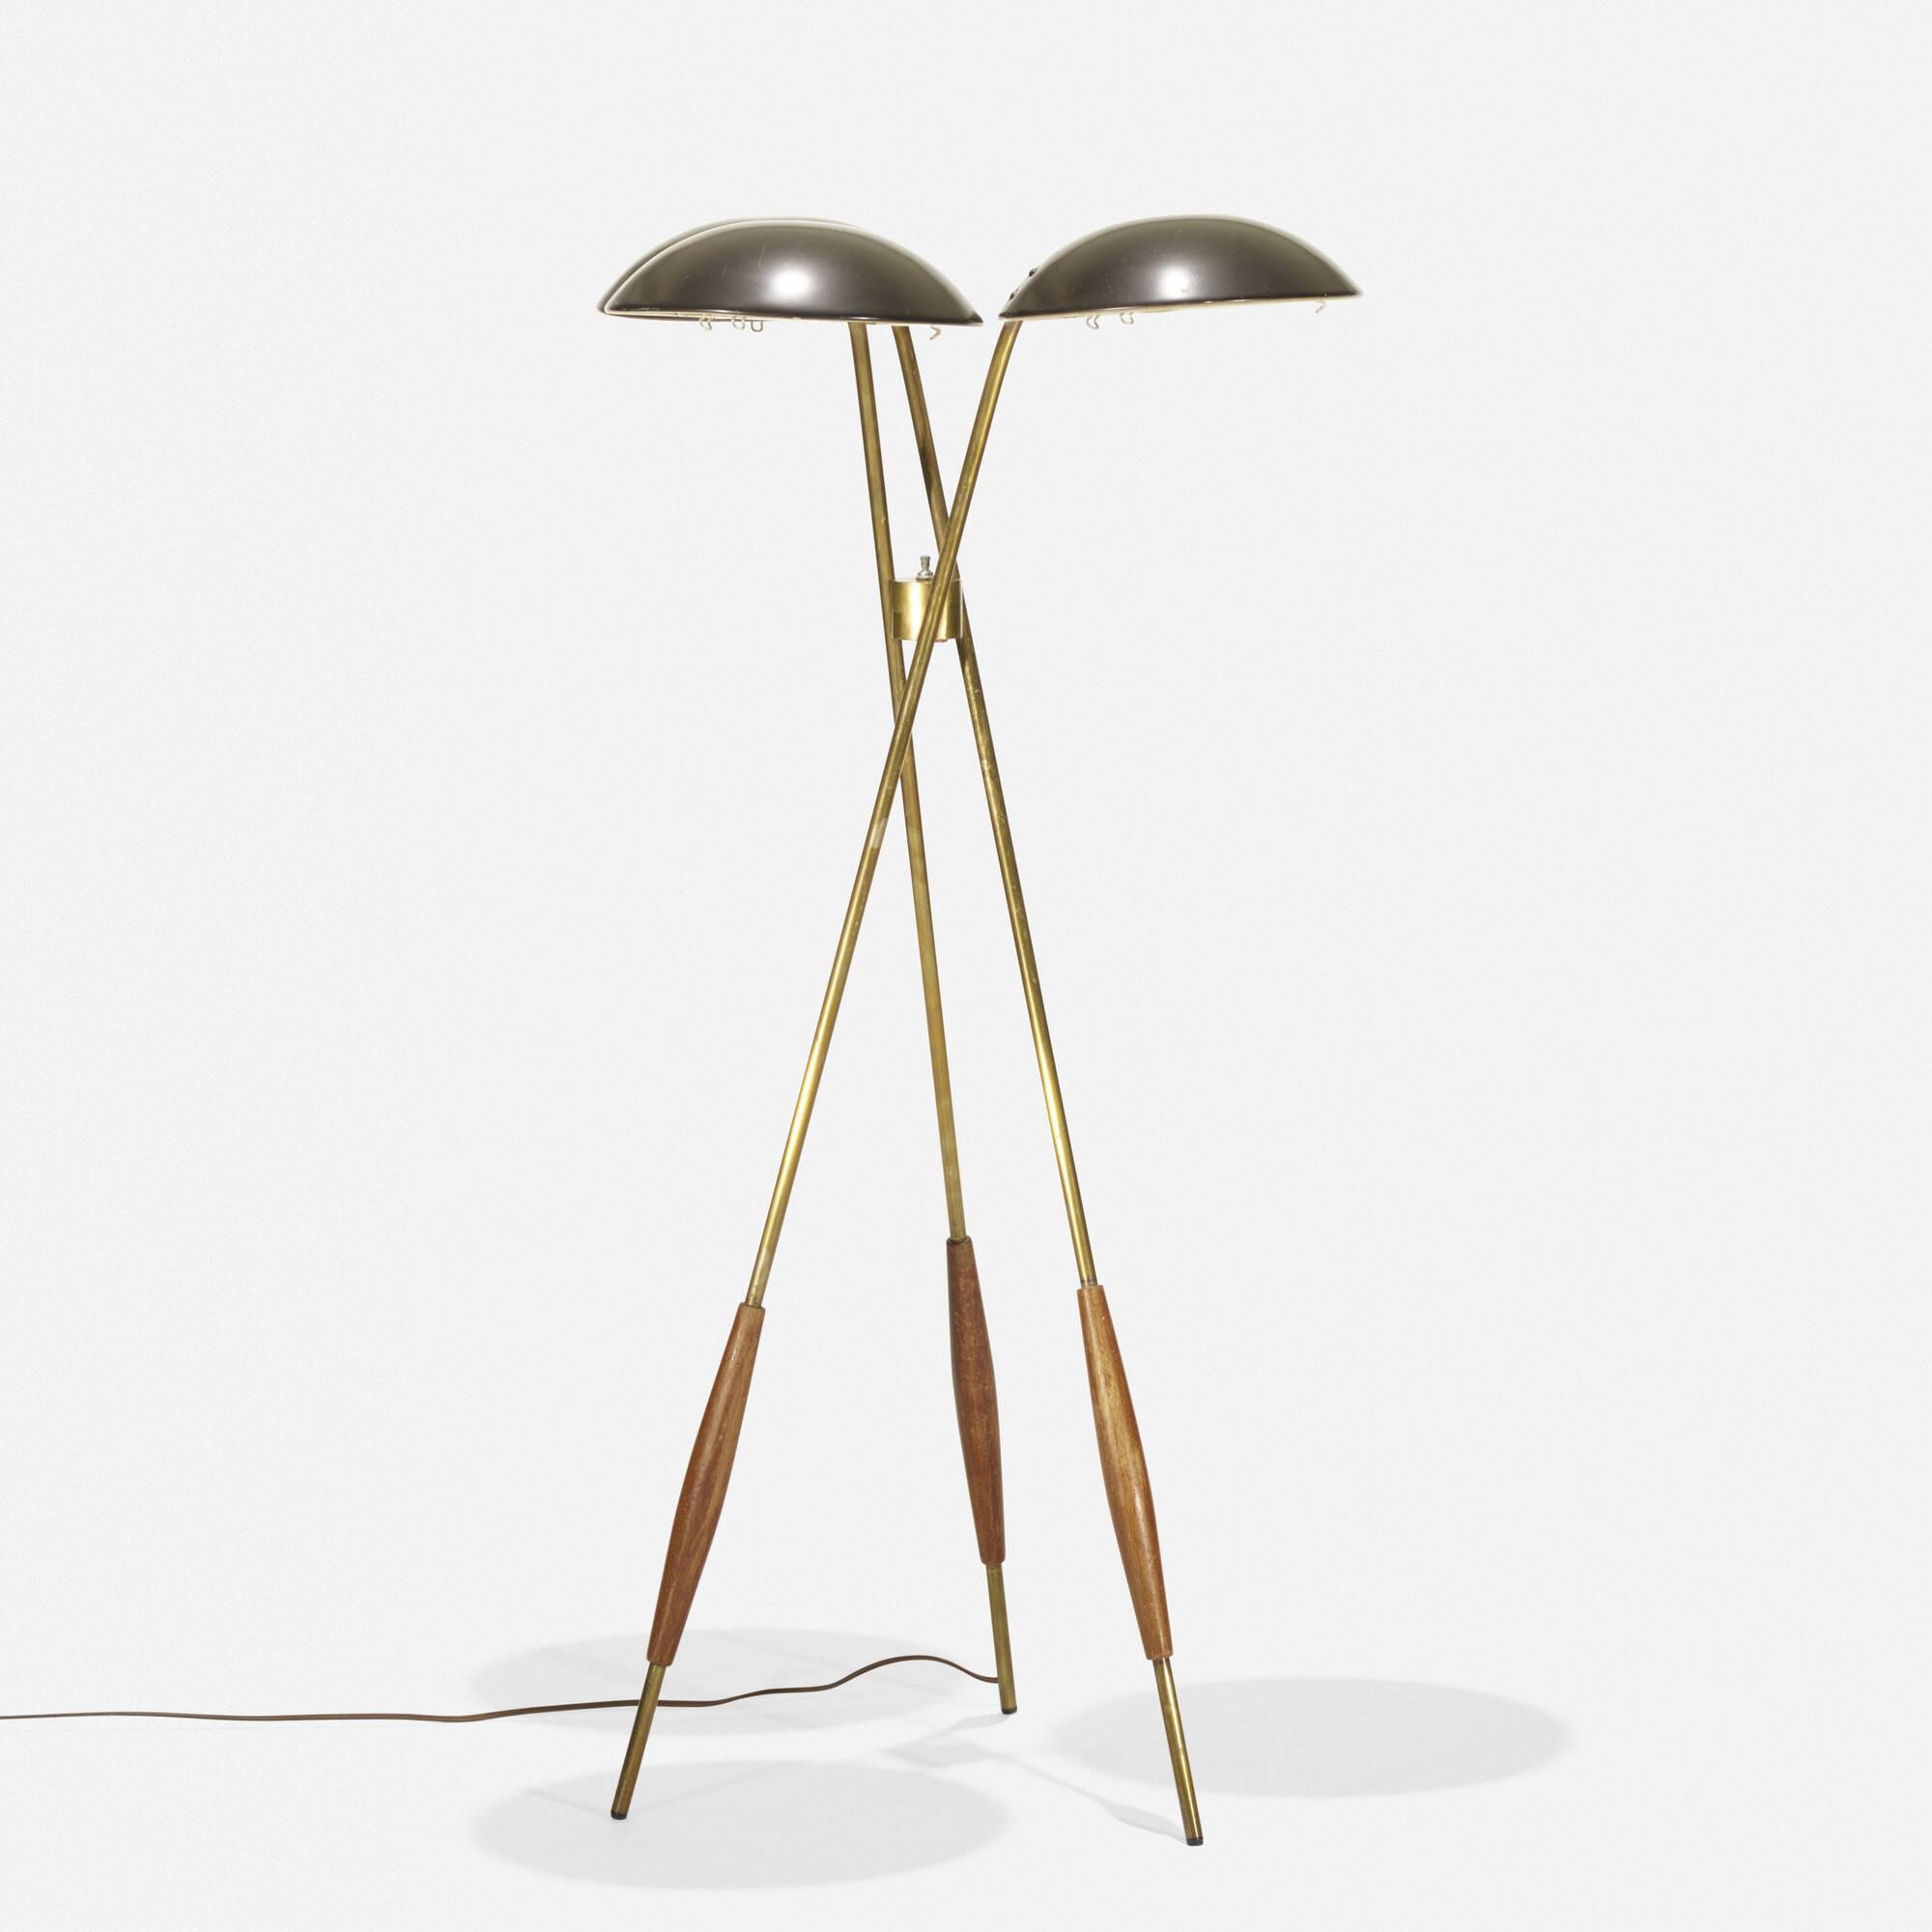 193: Gerald Thurston / floor lamp (2 of 3)